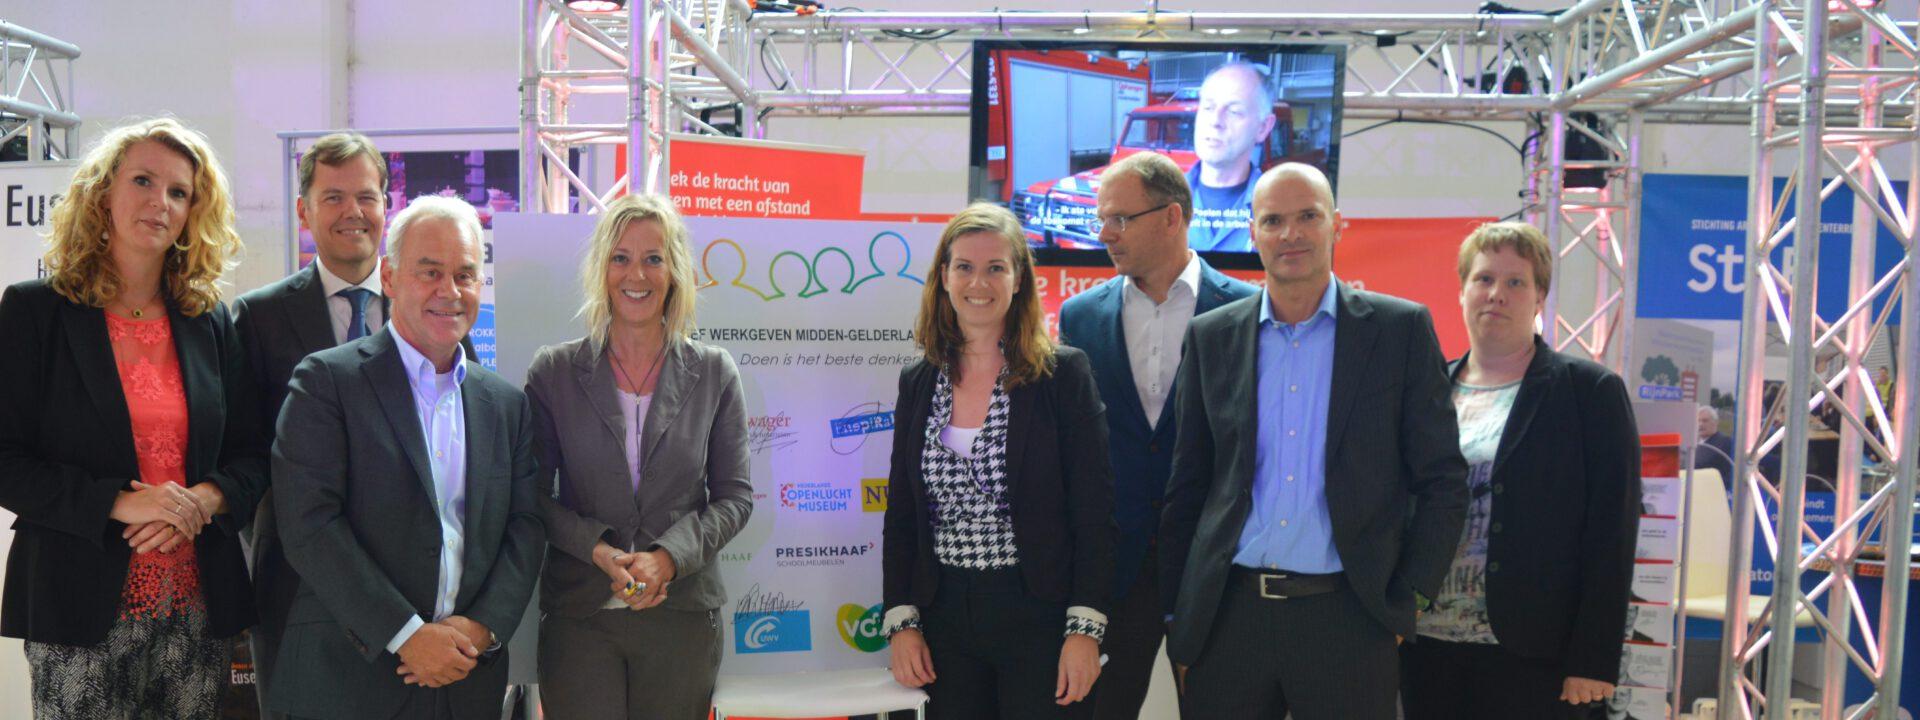 EW Facility Services tekent initiatief Inclusief Werkgeven Midden-Gelderland